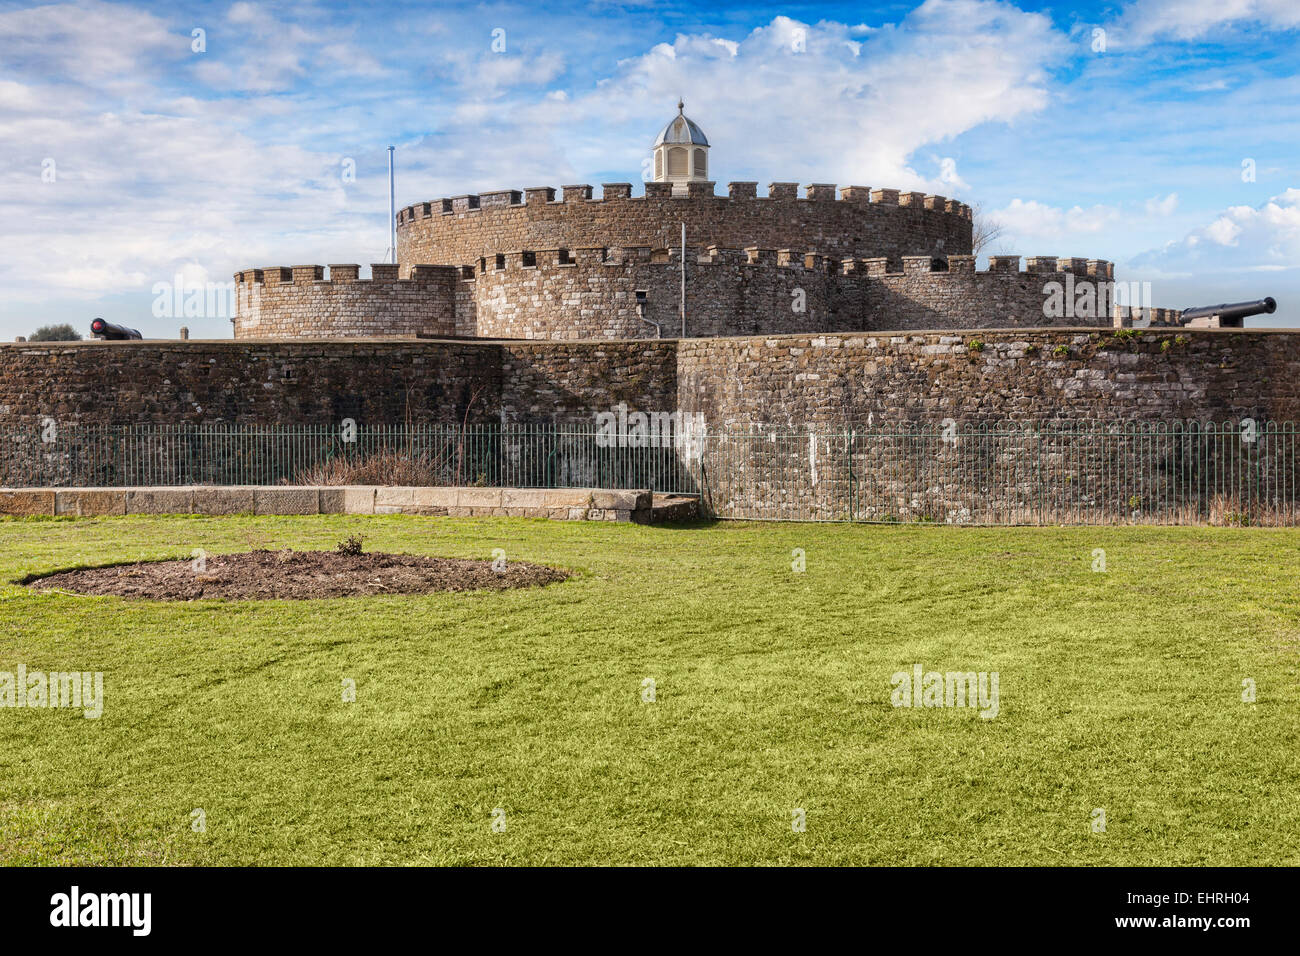 Deal Castle, Kent, Inglaterra, Reino Unido, fue construido bajo las órdenes de Henry VIII y abrió sus Imagen De Stock